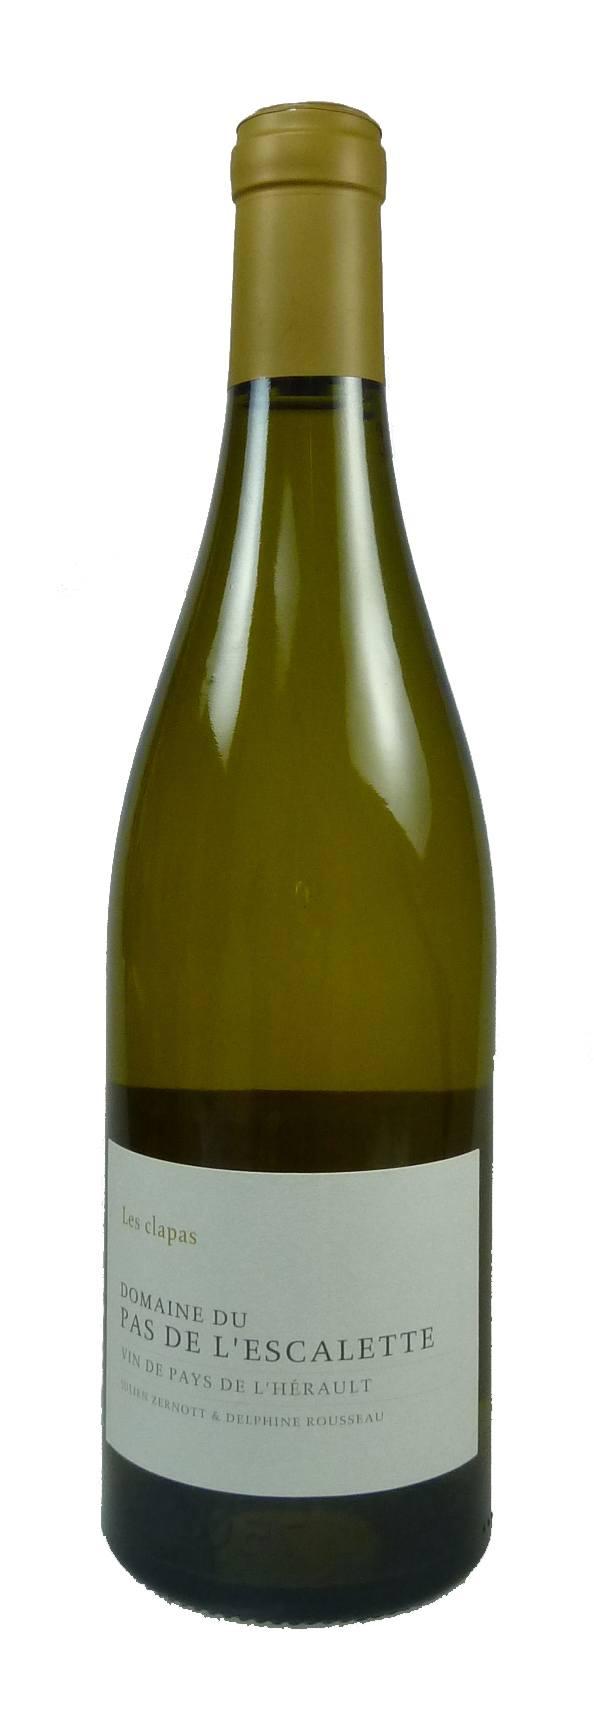 Les Clapas blanc Vin de Pays de l'Hérault 2016